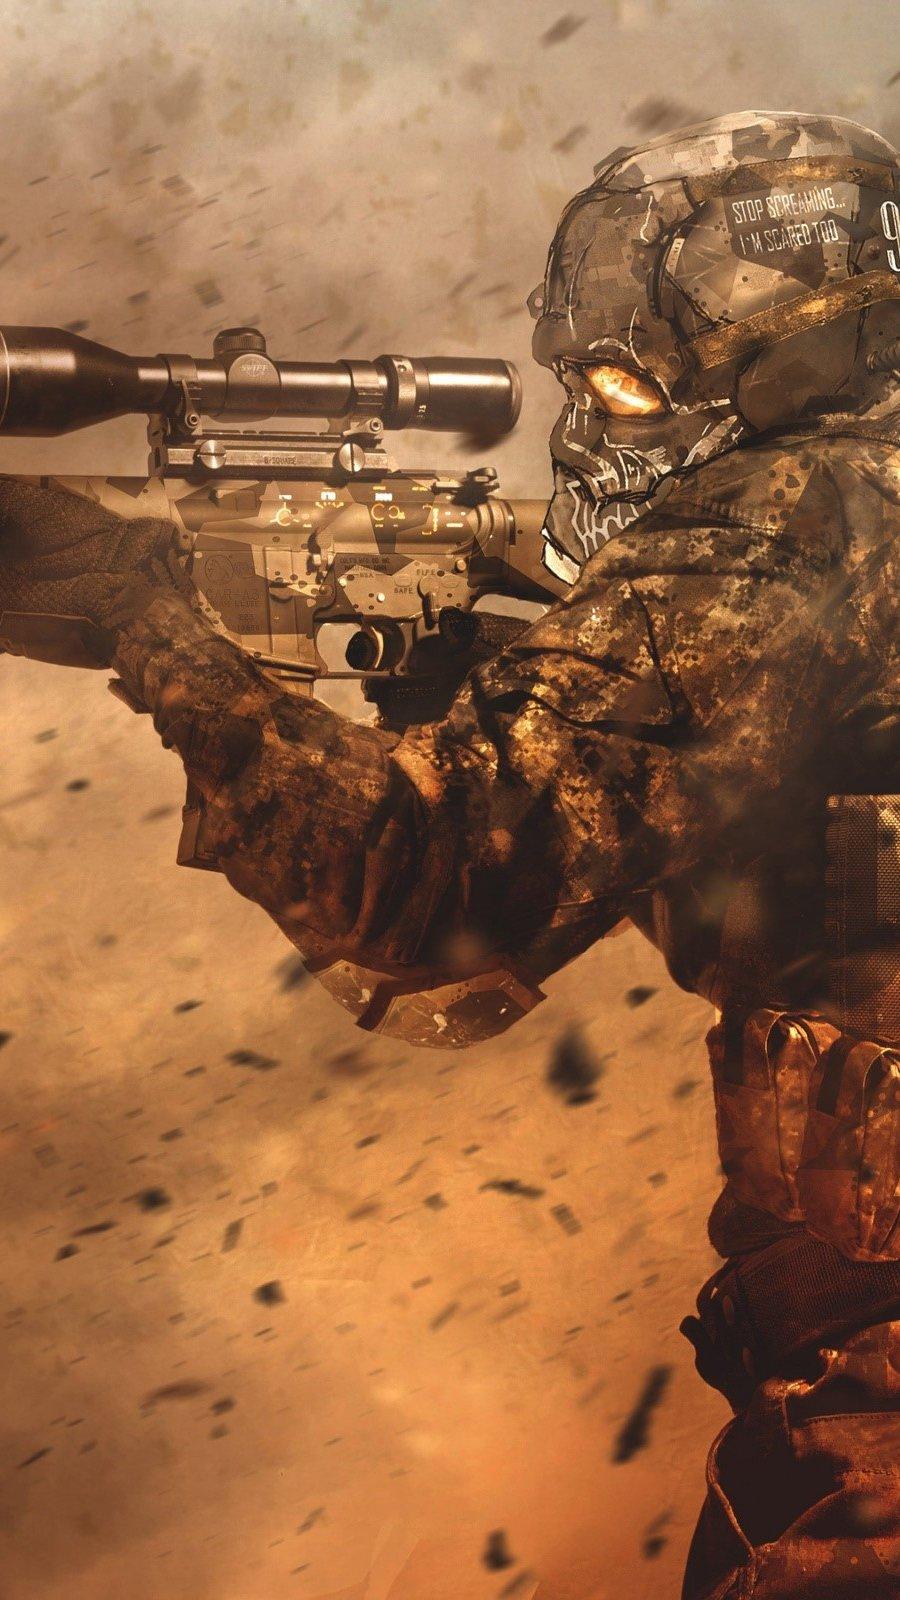 Fondos de pantalla Juego Sniper Vertical